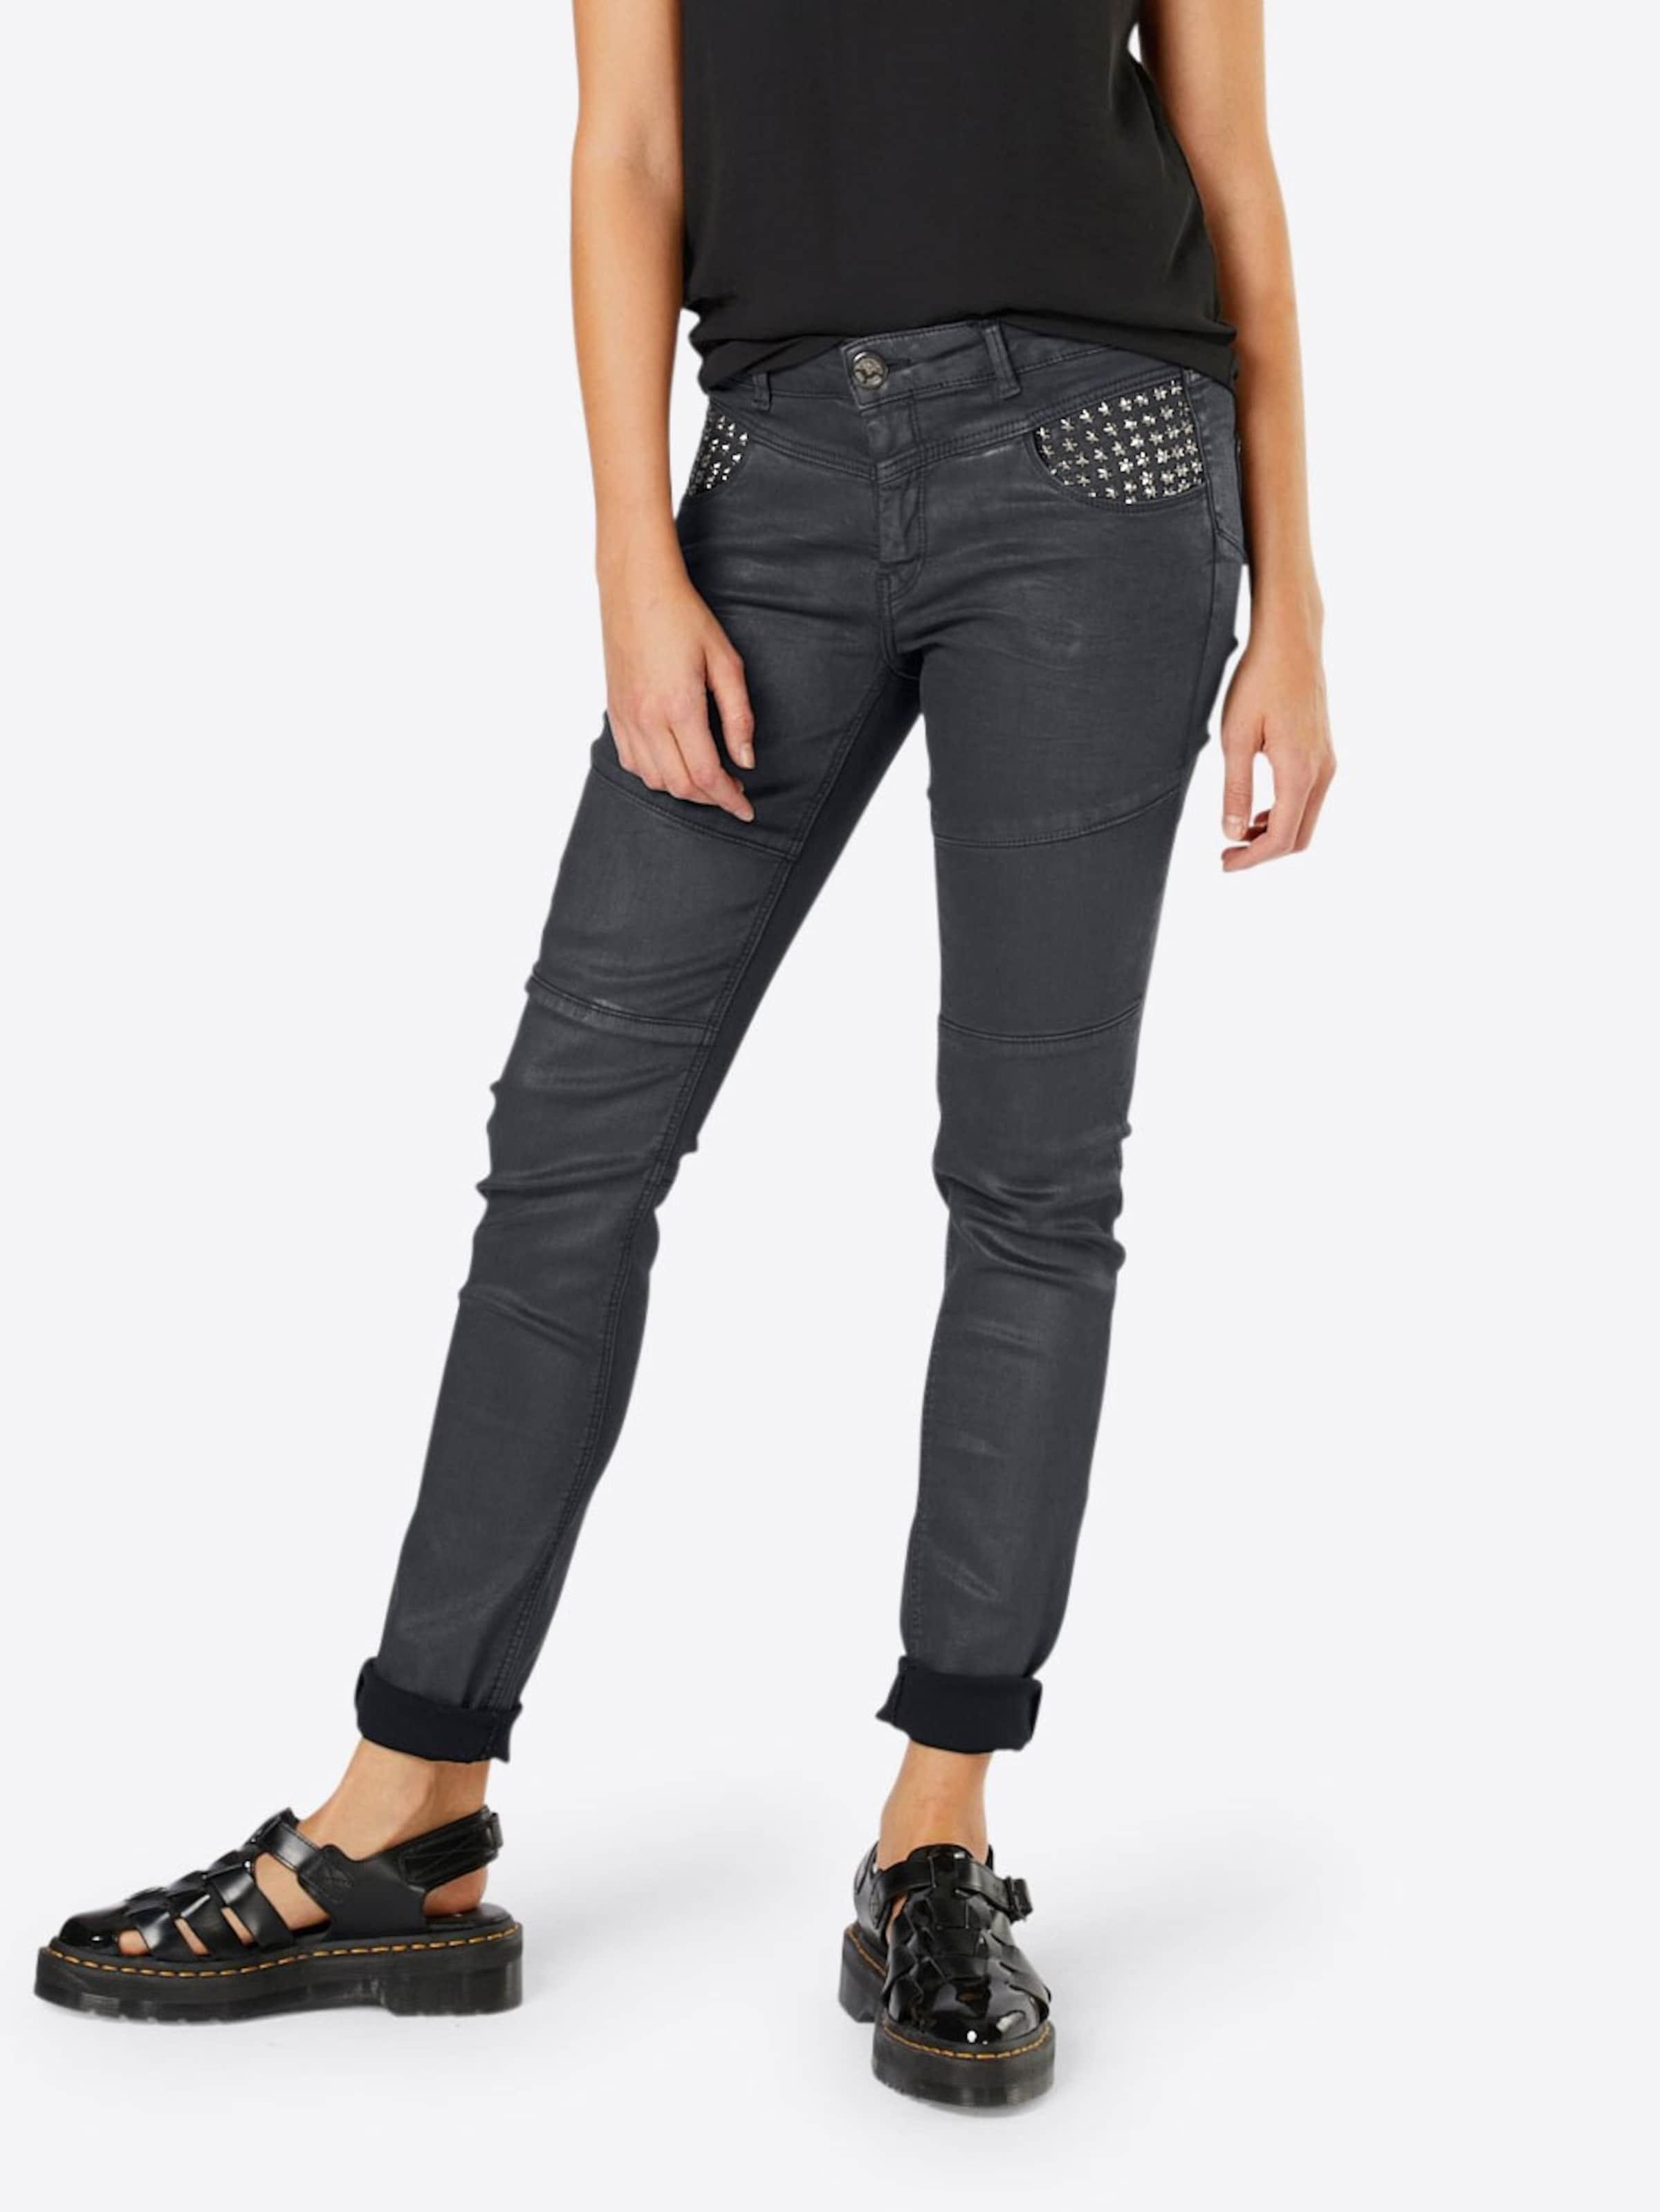 Erscheinungsdaten Authentisch Freies Verschiffen Angebote MOS MOSH Jeans 'Ozzy Star Biker' Bestseller Günstig Online zpE9602zP